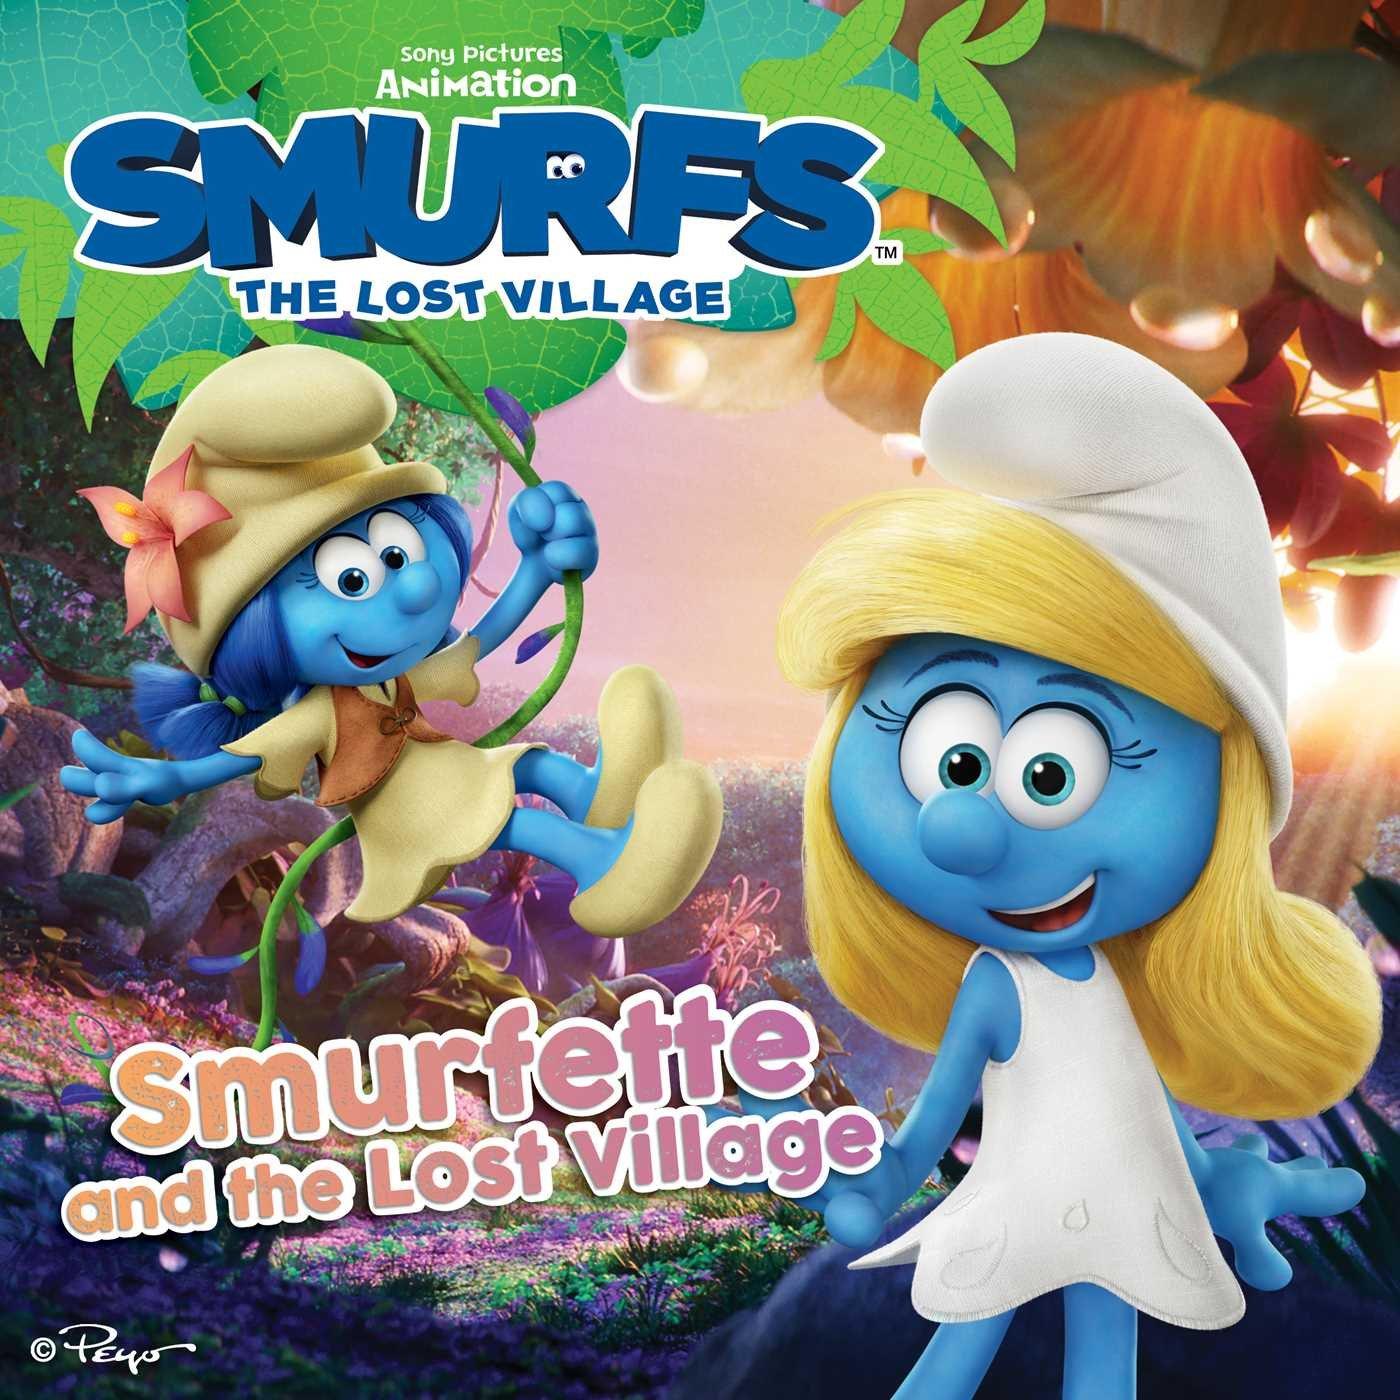 Smurfette And The Lost Village Smurfs Movie Pendergrass Daphne Dalena Antonello Maddaleni Paolo 9781481480550 Amazon Com Books